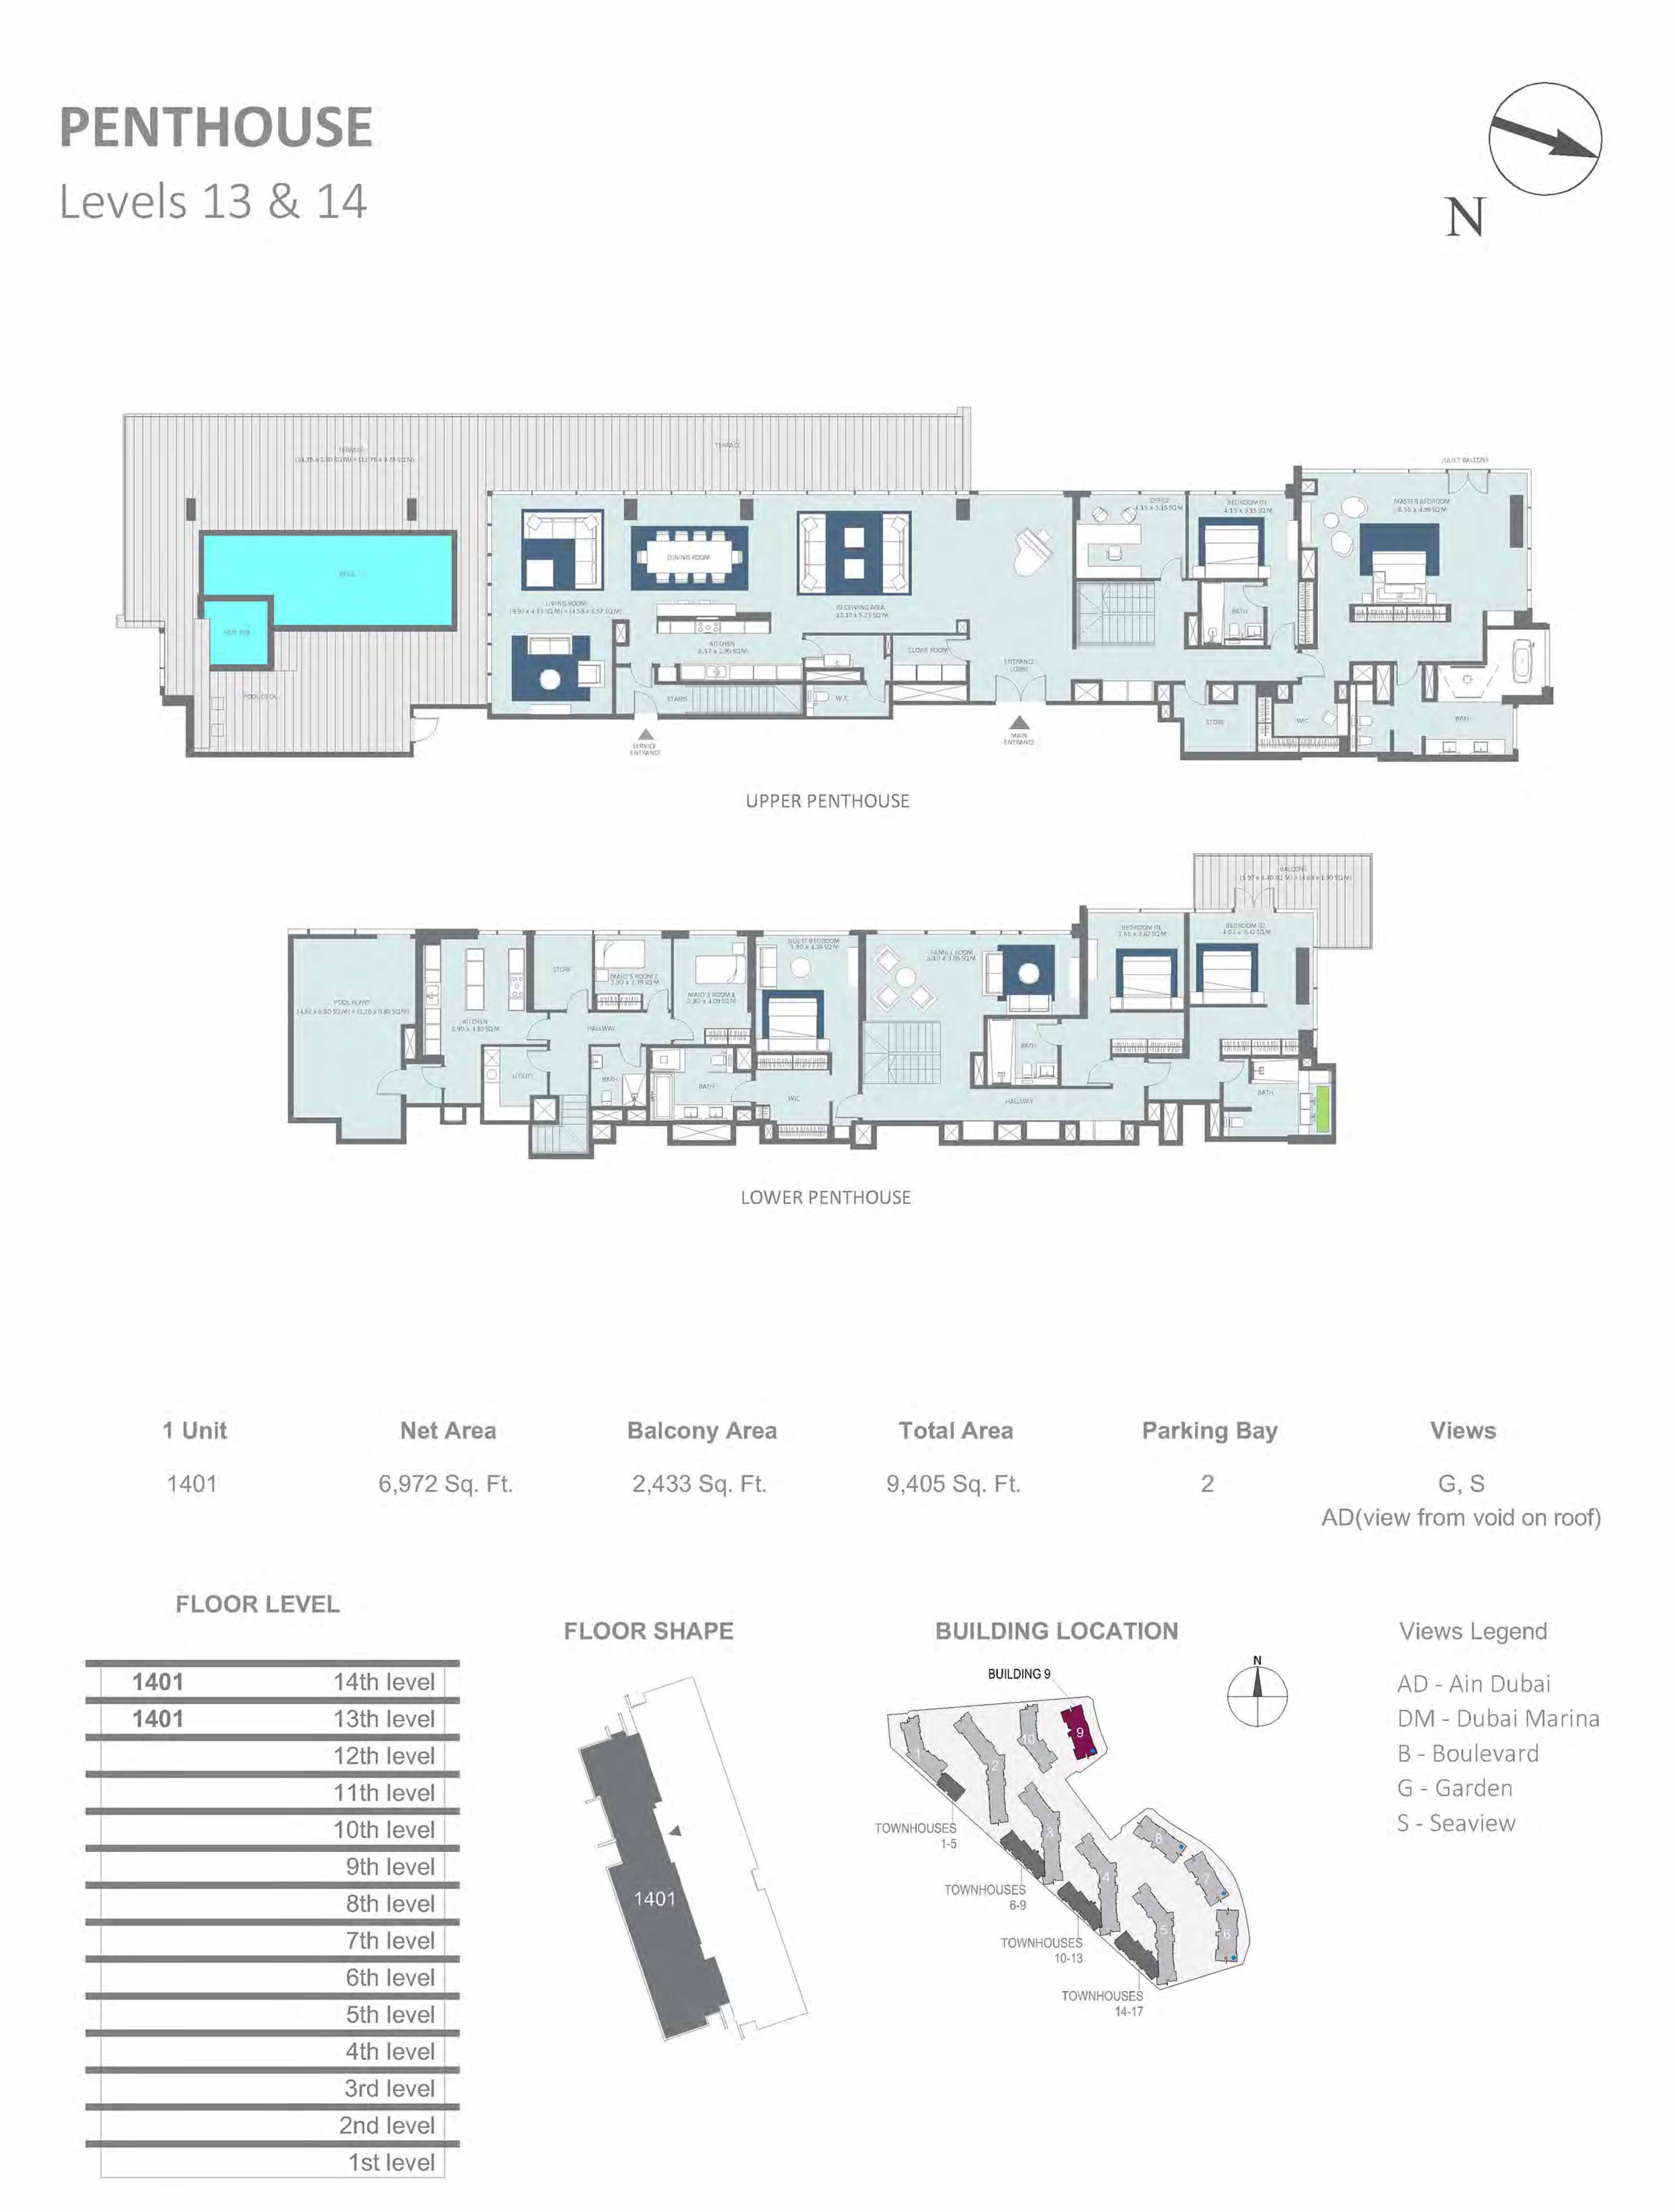 Building 9 - Penthouse, Level 13 & 14 Size 9405 sq.ft